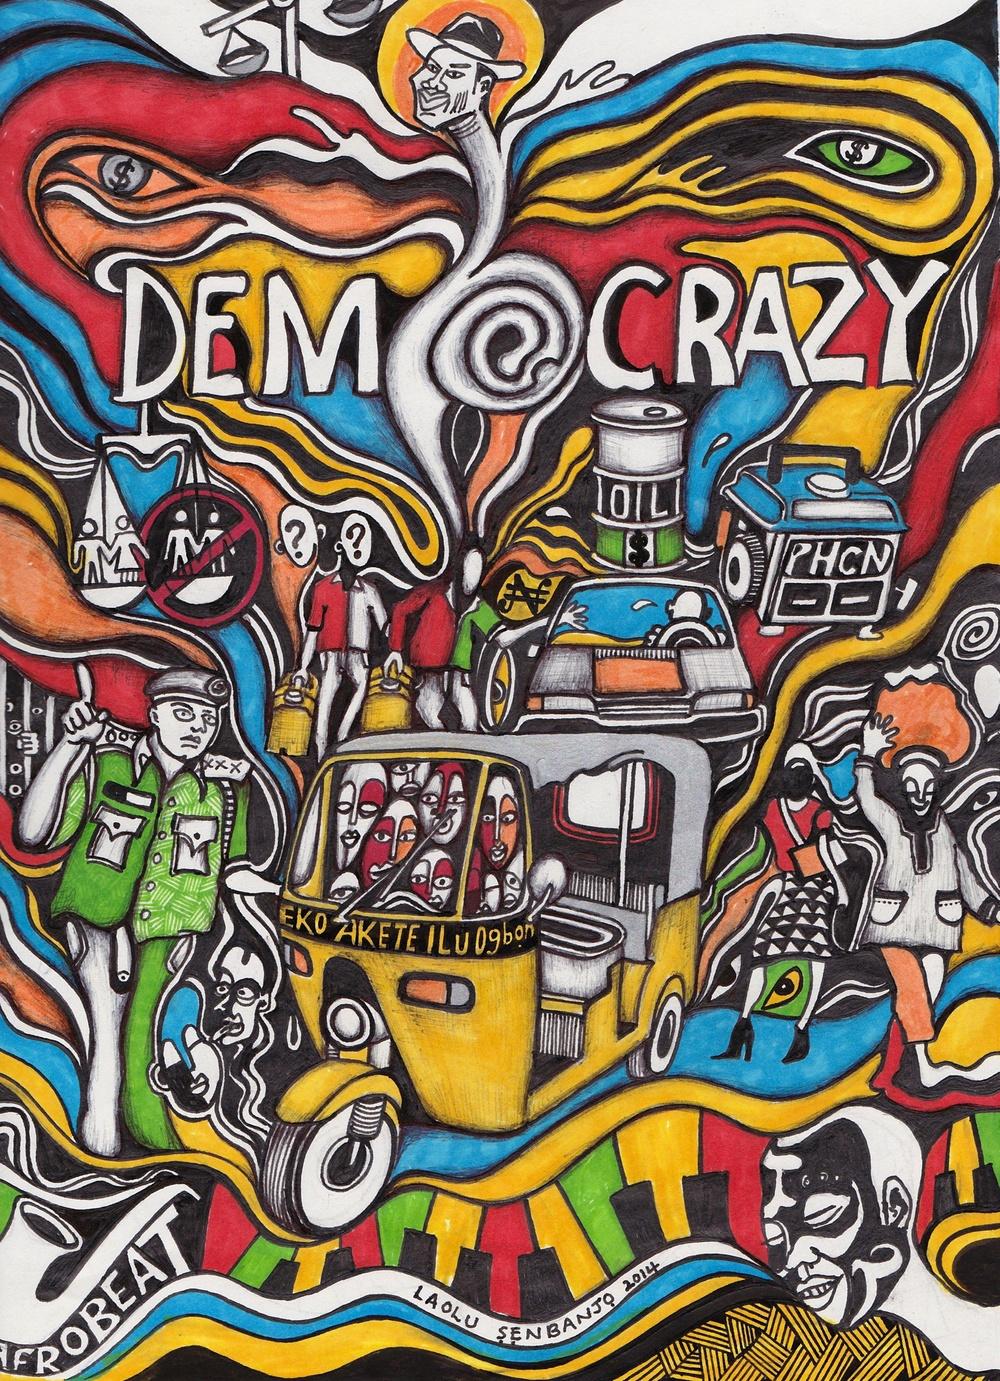 DEMOCRAZY by Laolu Senbanjo